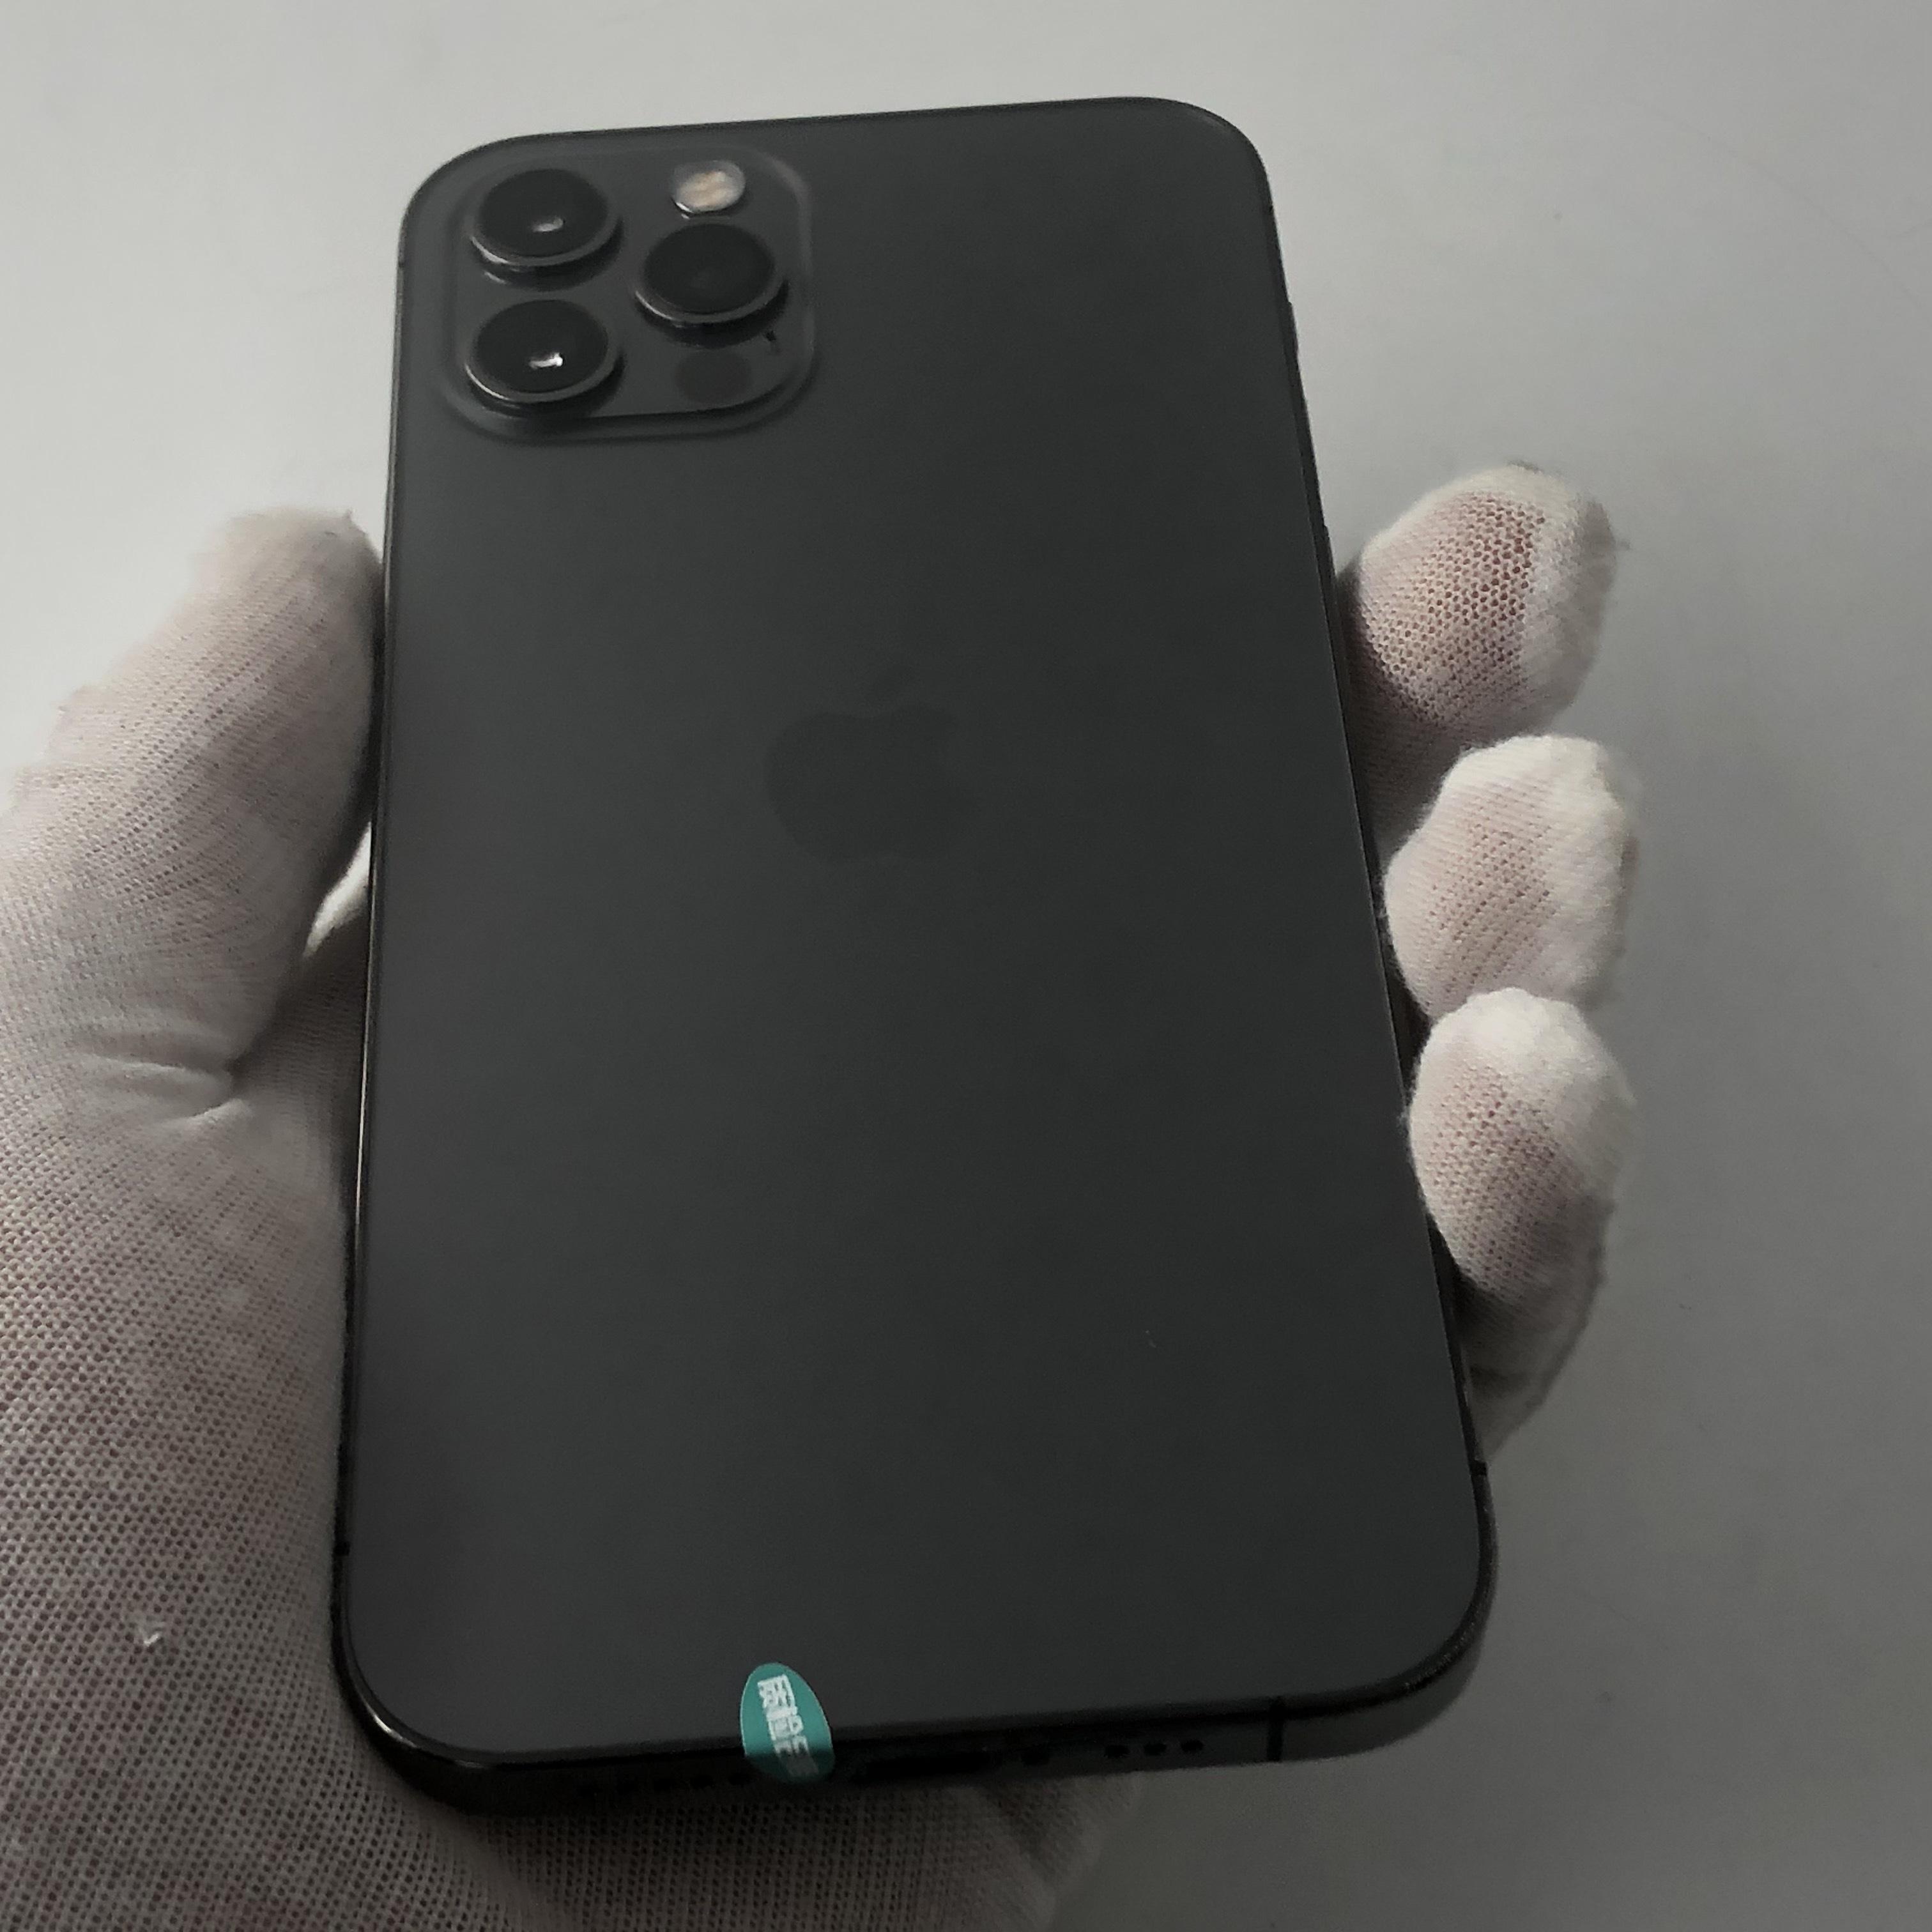 苹果【iPhone 12 Pro】5G全网通 石墨色 512G 国行 99新